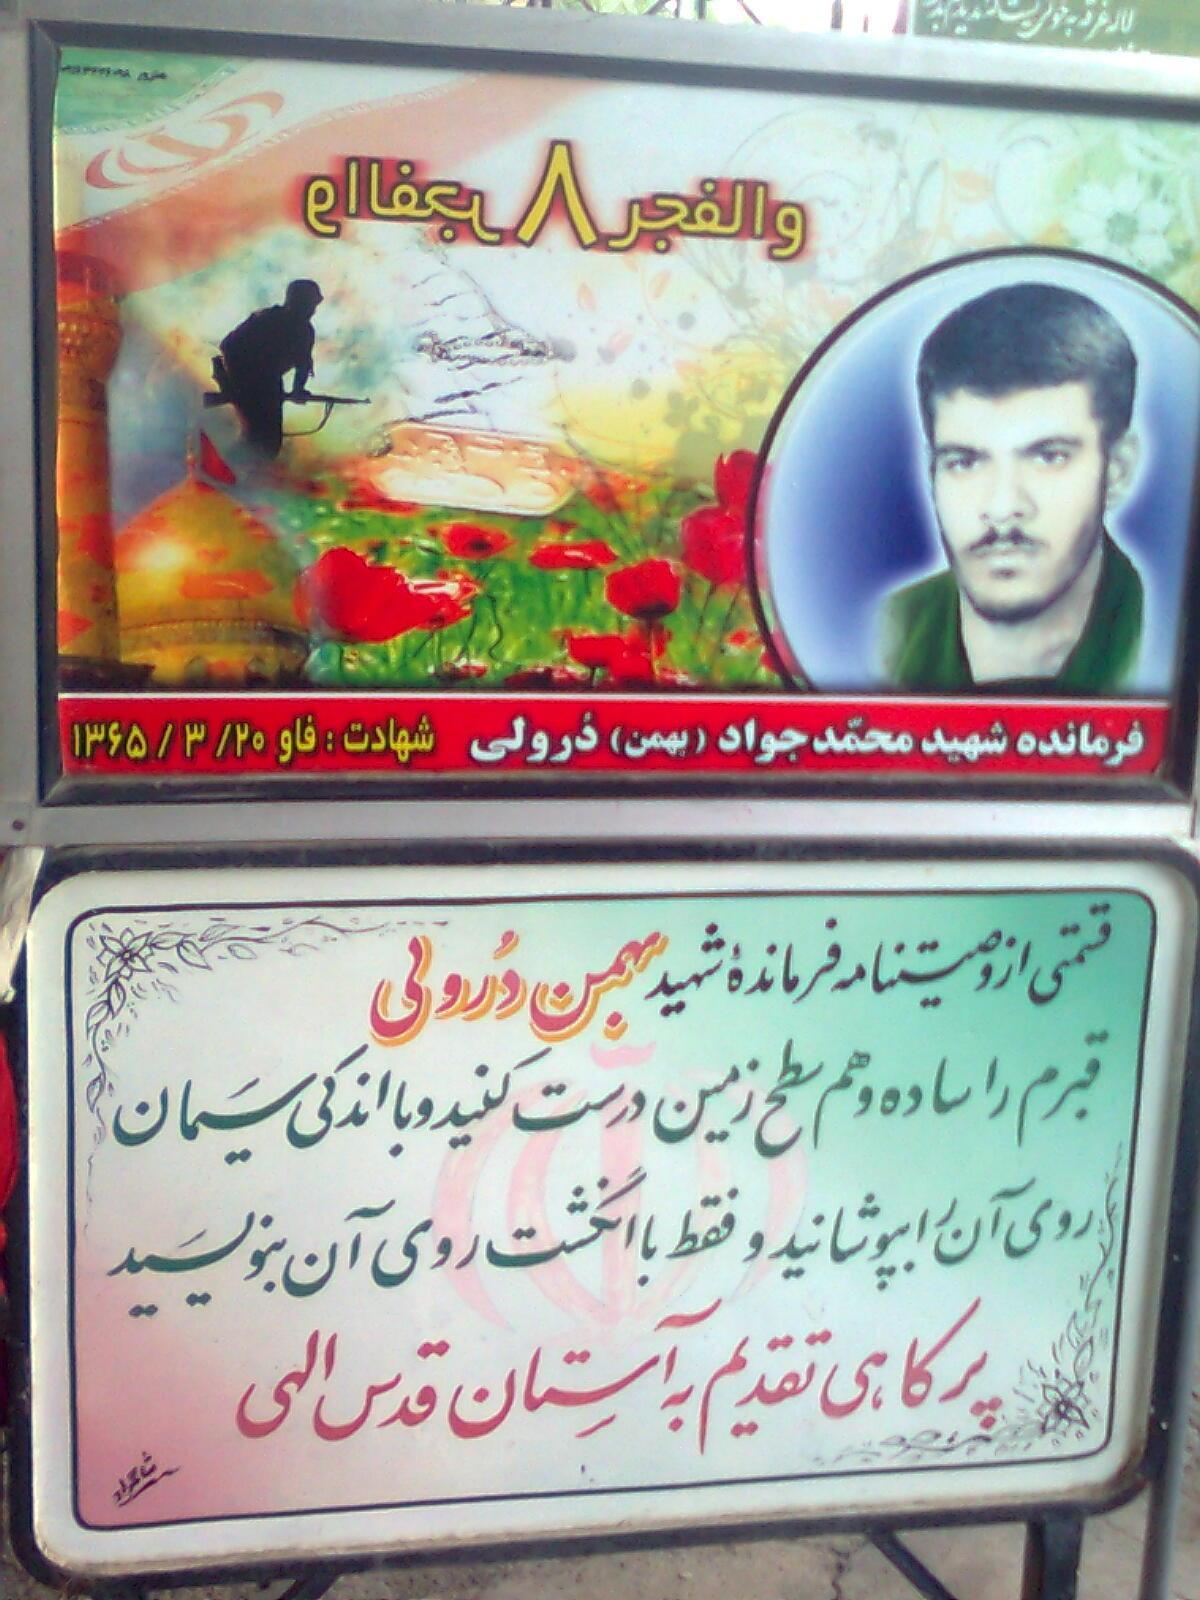 •:【 سنگ  قبر عجیب در گلزار شهدا 】:• شهید بهمن دُرولی